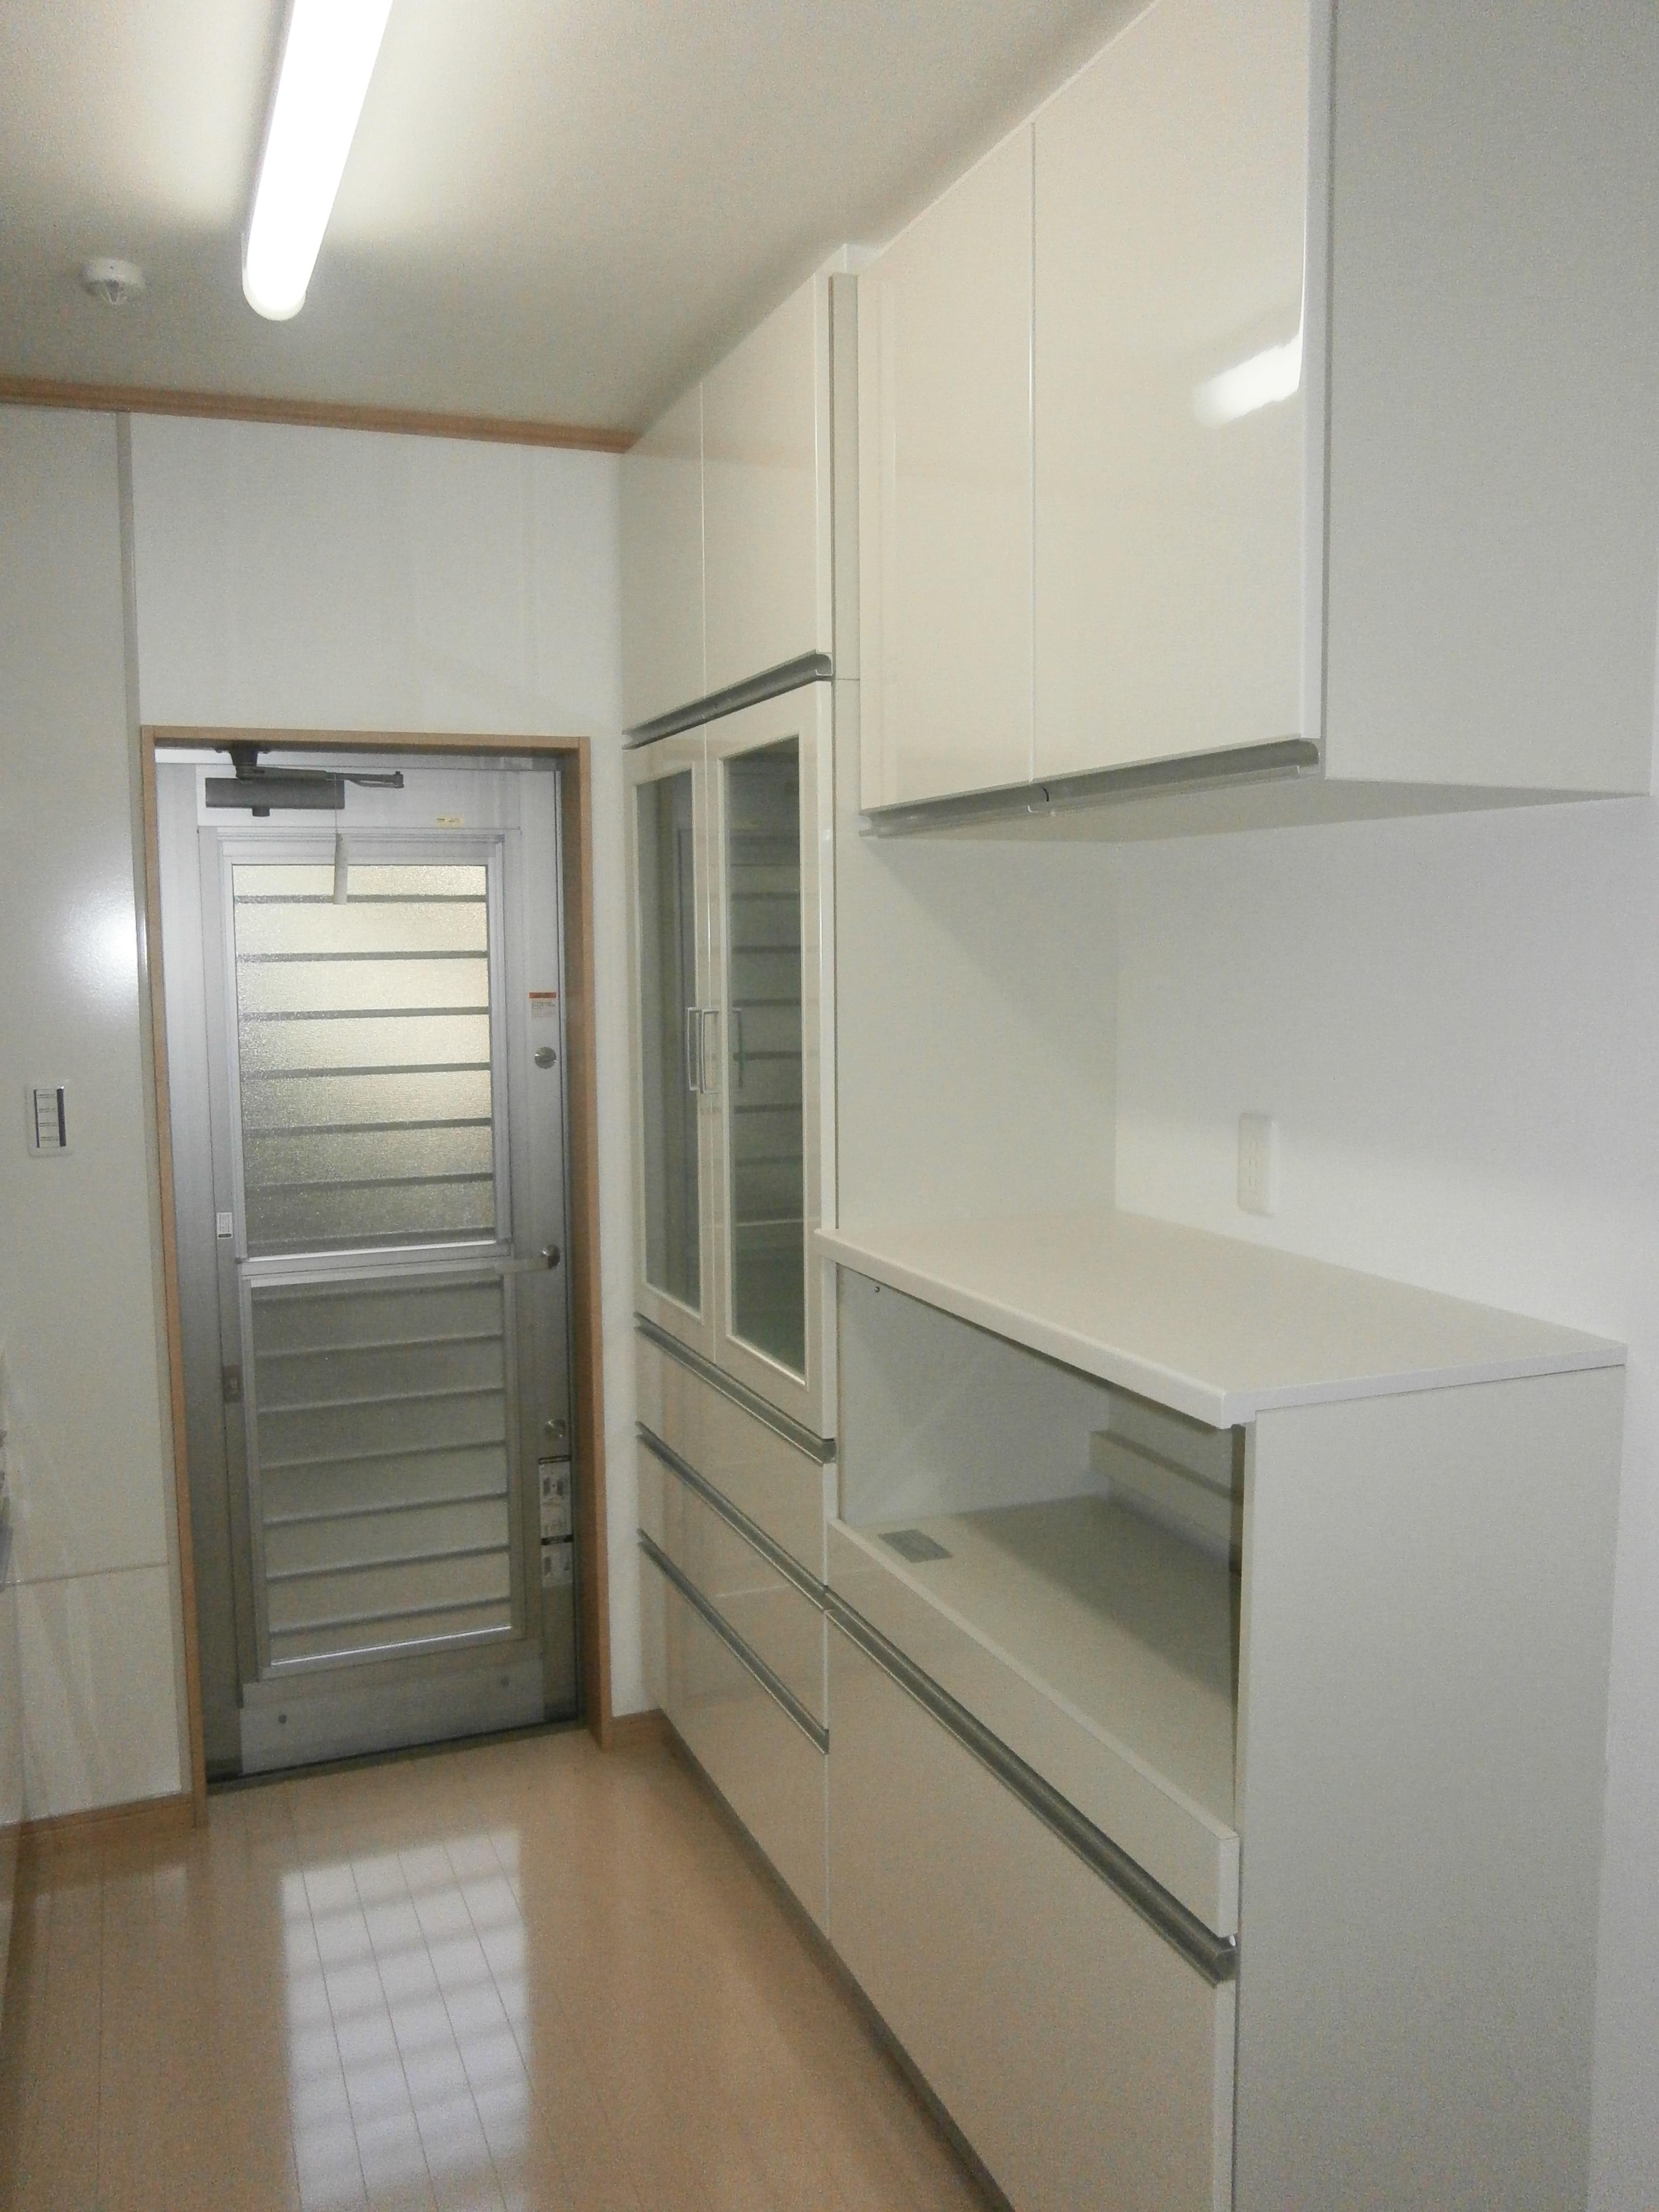 耐震補強で二世帯住宅の全面リフォーム:東京都小金井市T様邸の写真 キッチン収納